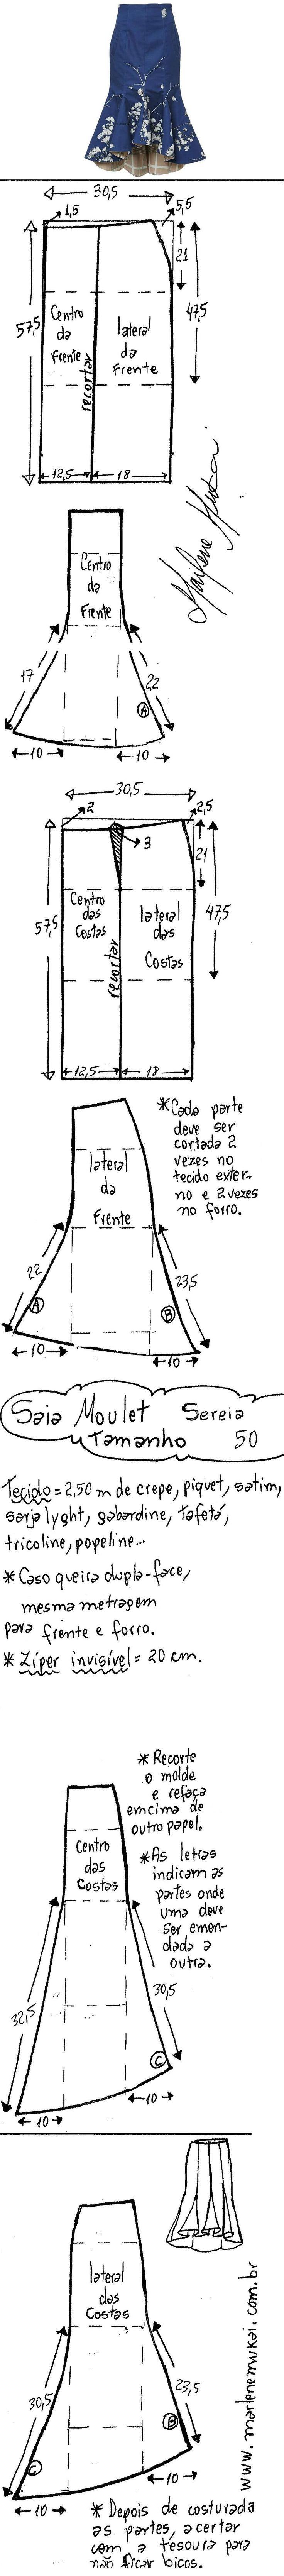 Saia Mulet sereia. Publicado em 26/09/2016 por marleneglaumar2002 em modelagem. Esquema de modelagem de saia moulet sereia do 36 ao 56.